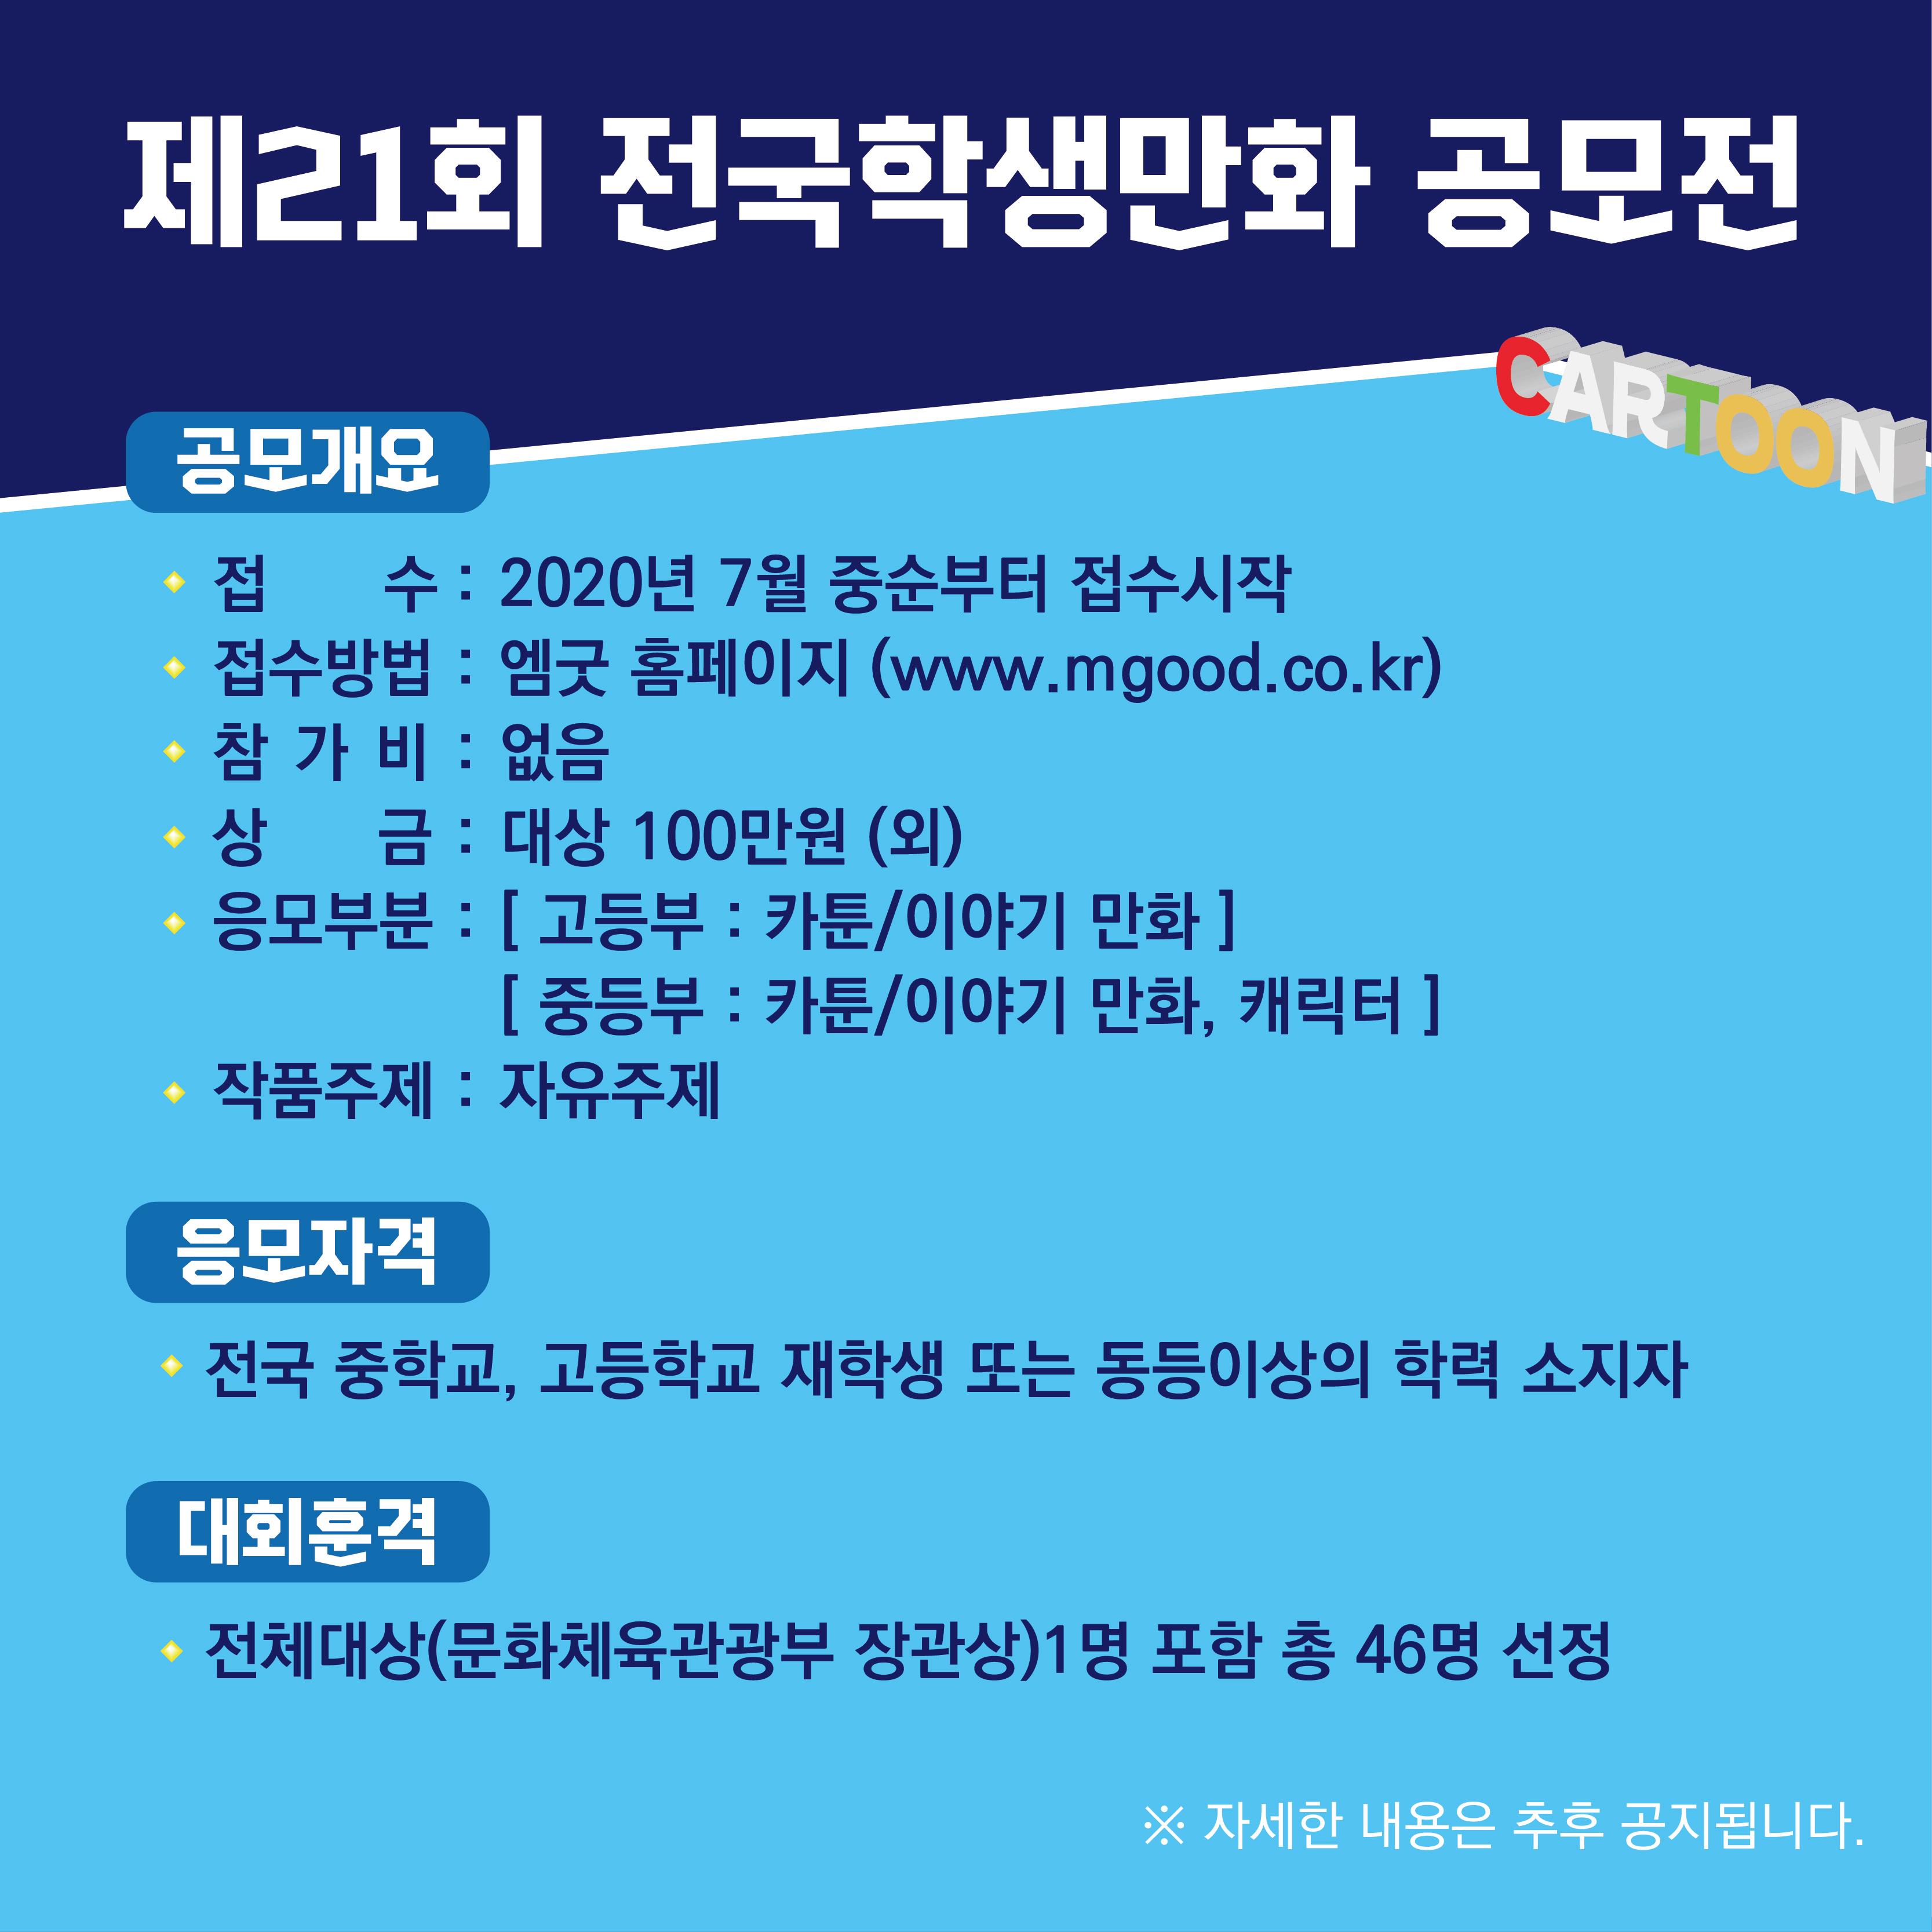 2_제21회 전국학생만화공모전_우리원홈페이지_공고문.jpg